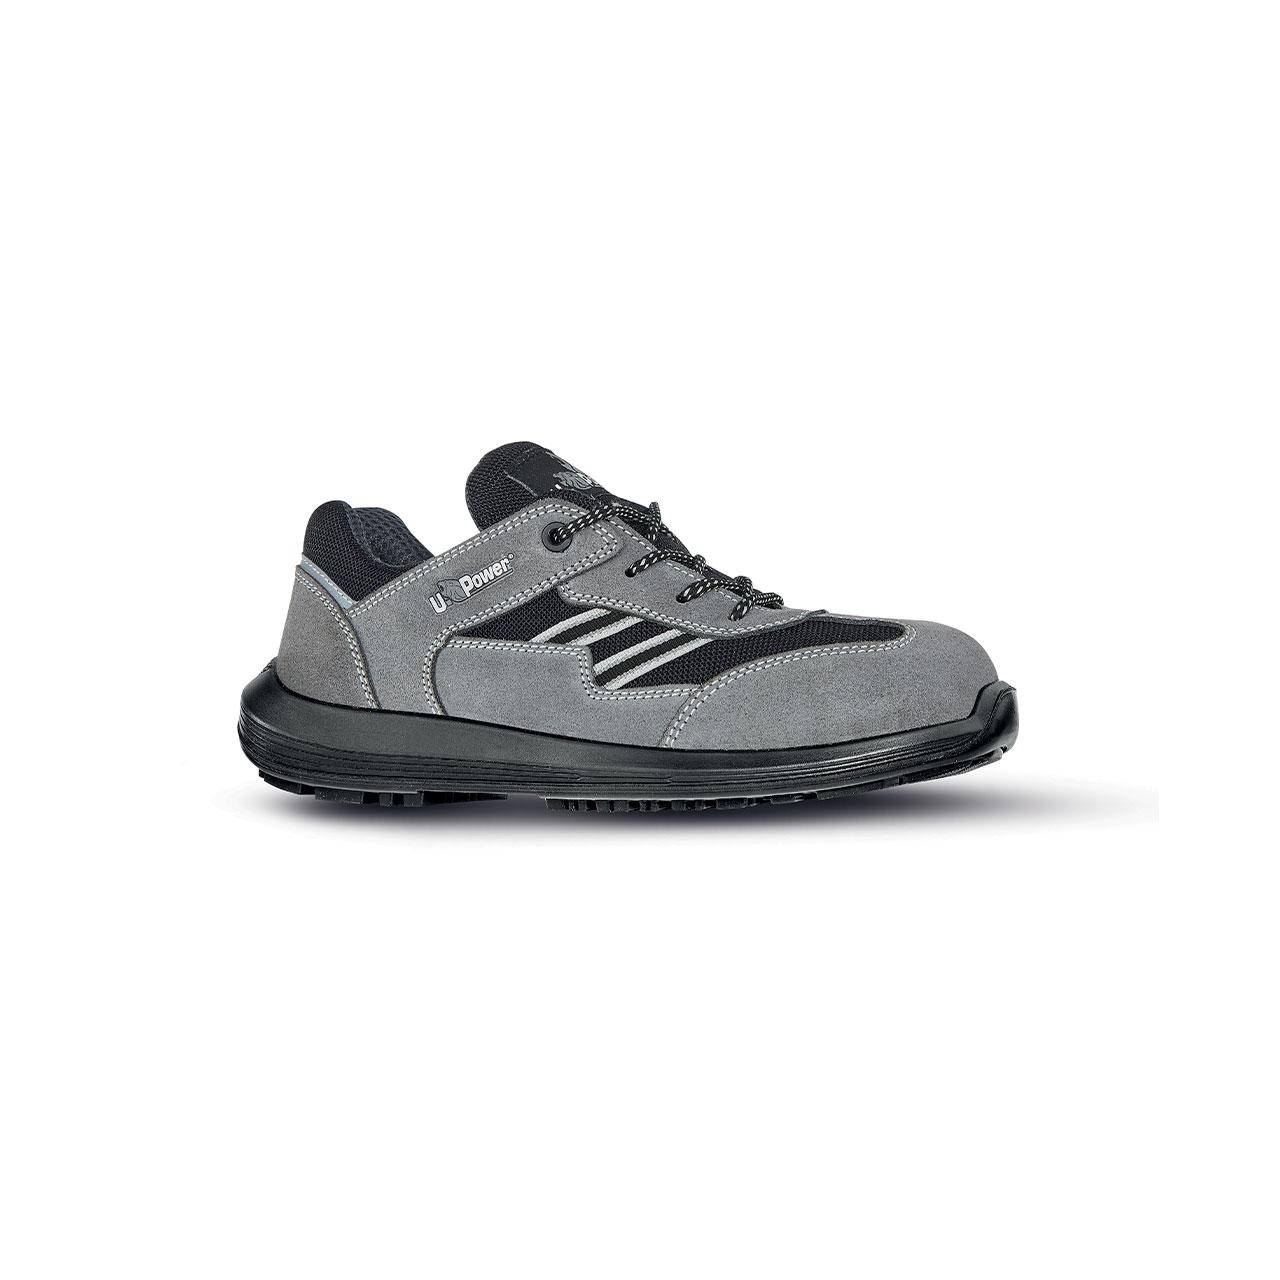 scarpa antinfortunistica upower modello california linea rock_roll vista laterale